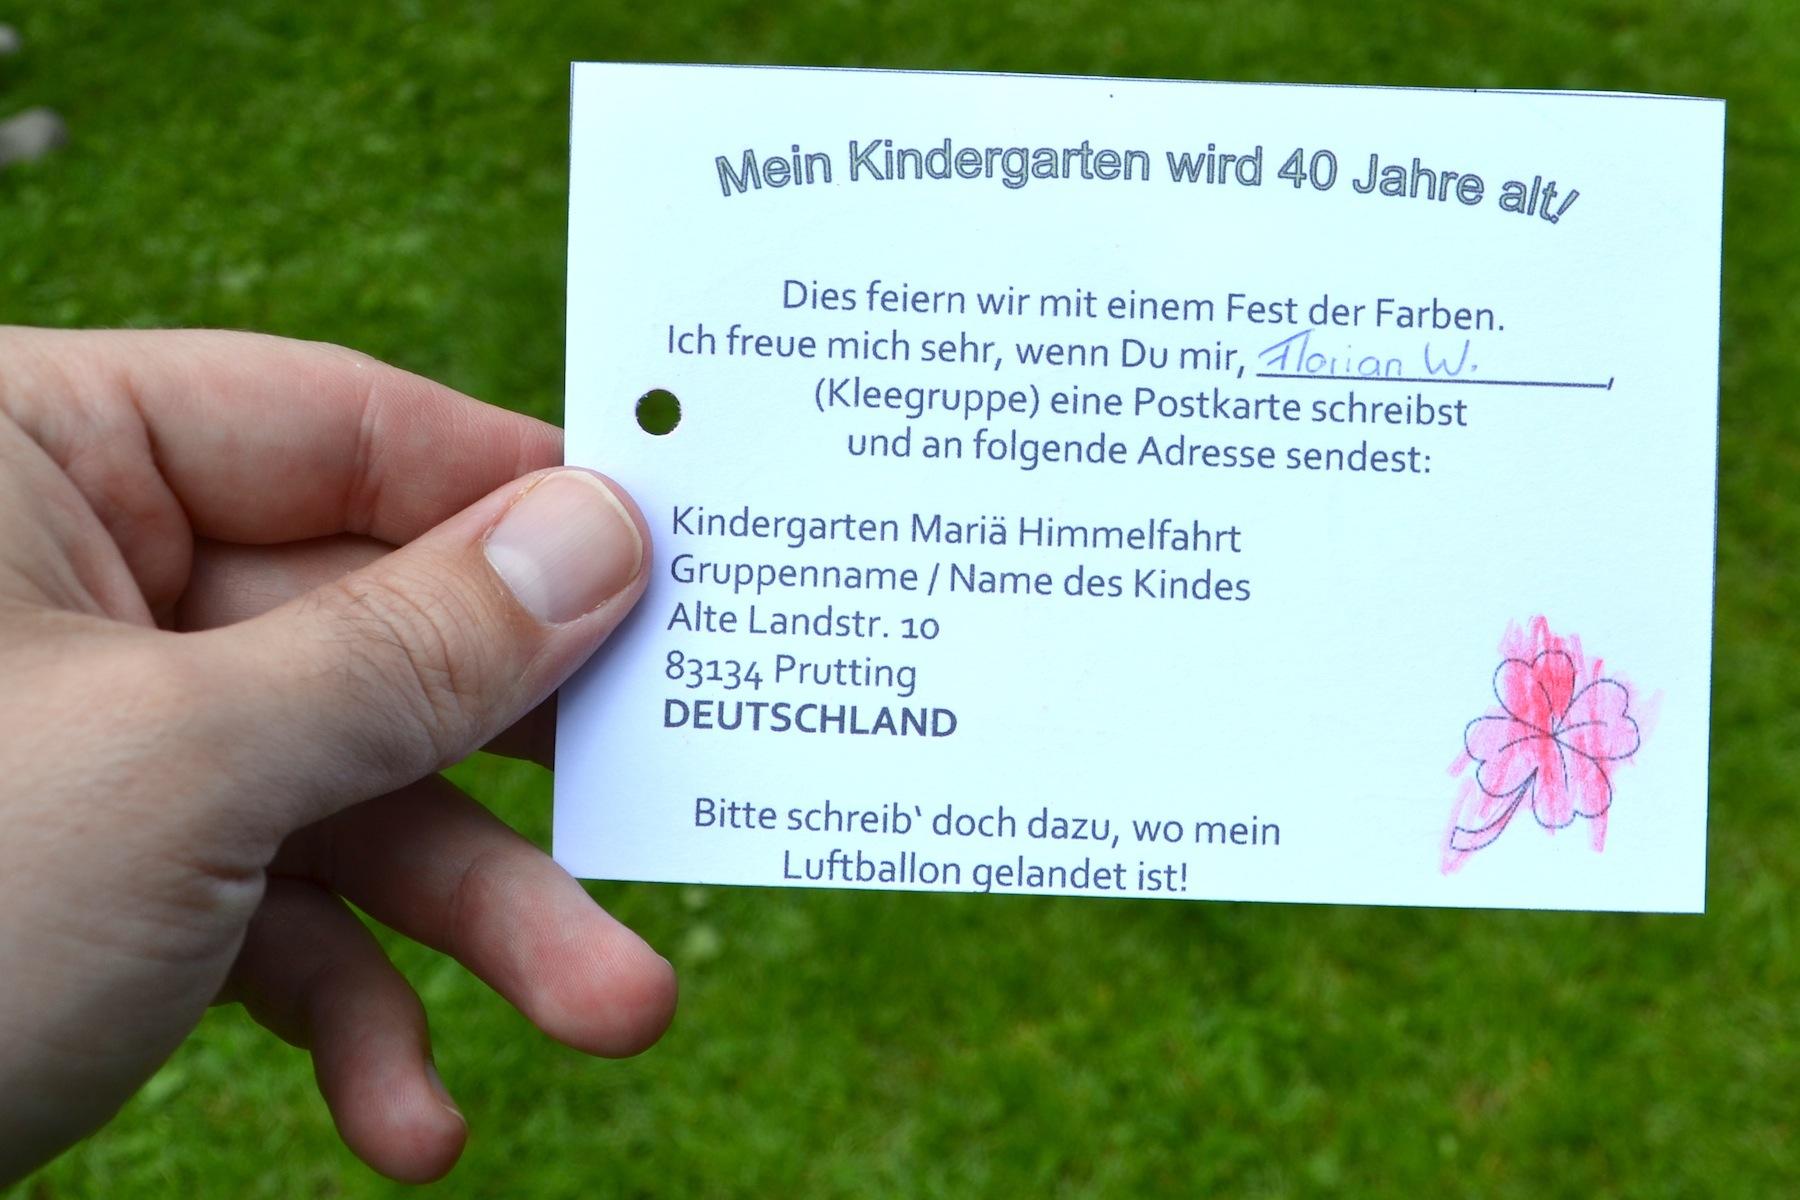 40 Jahre Kindergarten Mariä Himmelfahrt Prutting: Antwortkarte